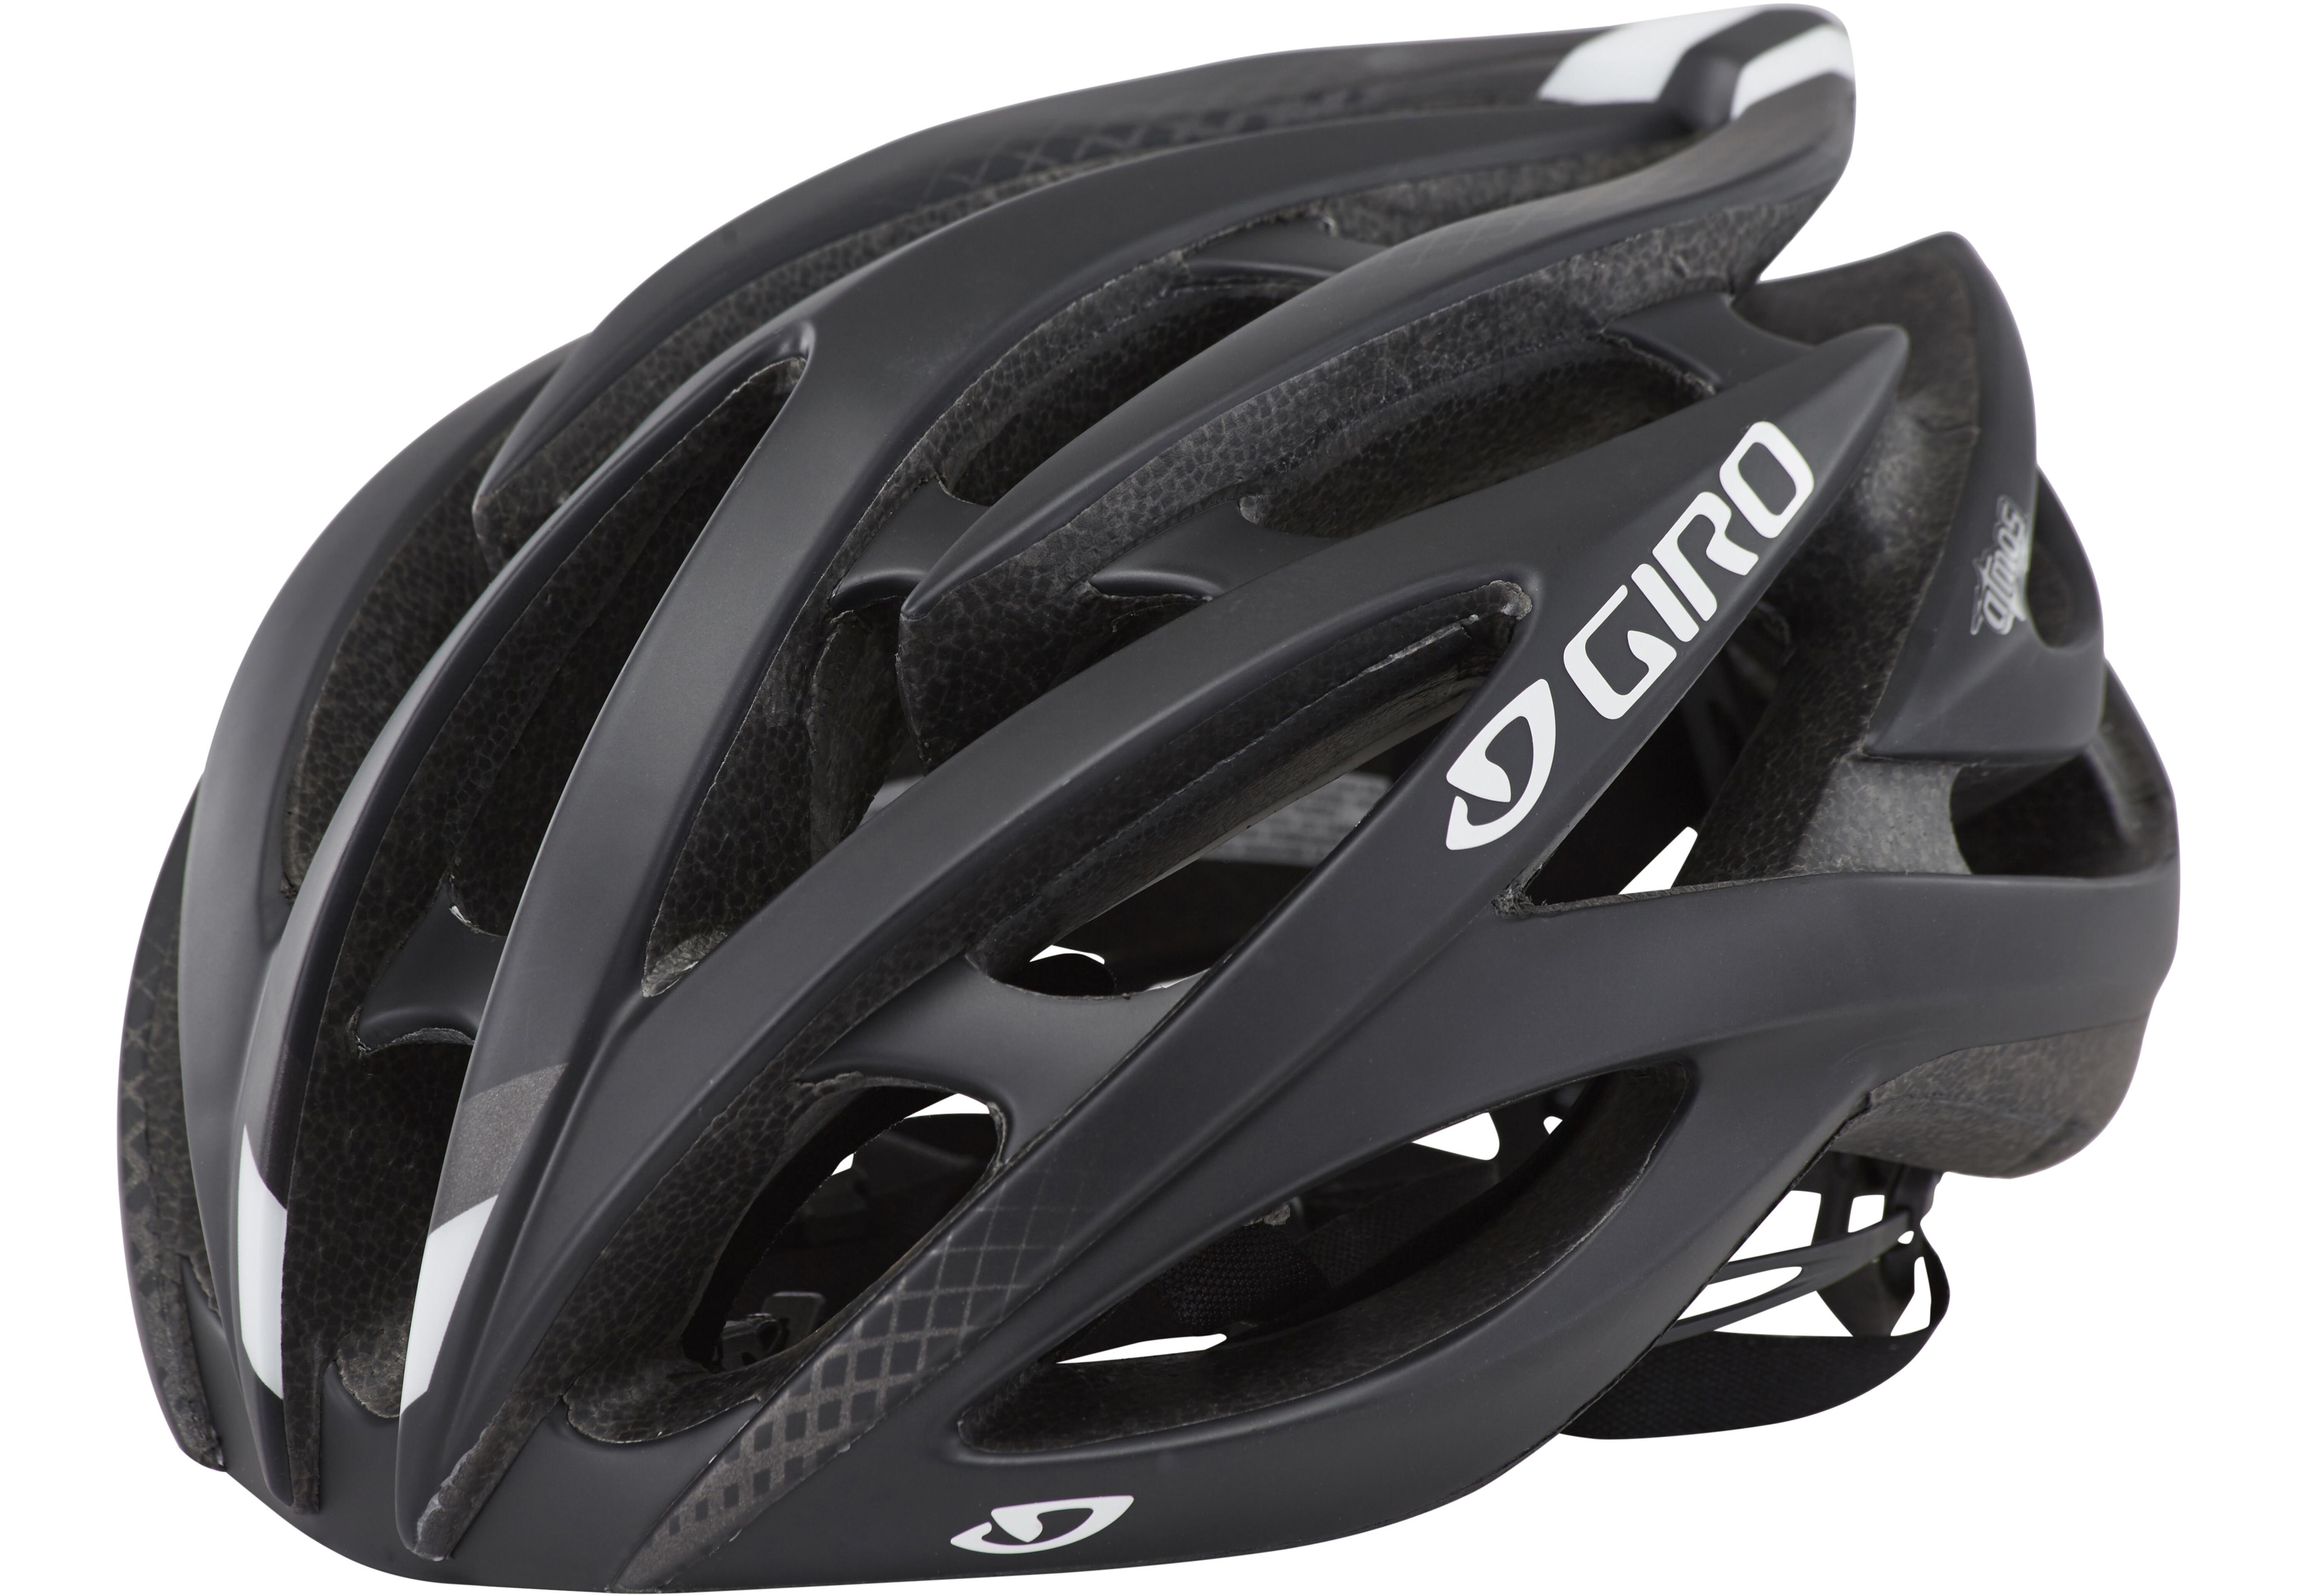 0b8aa71a21 Giro Atmos II - Casco de bicicleta - negro | Bikester.es